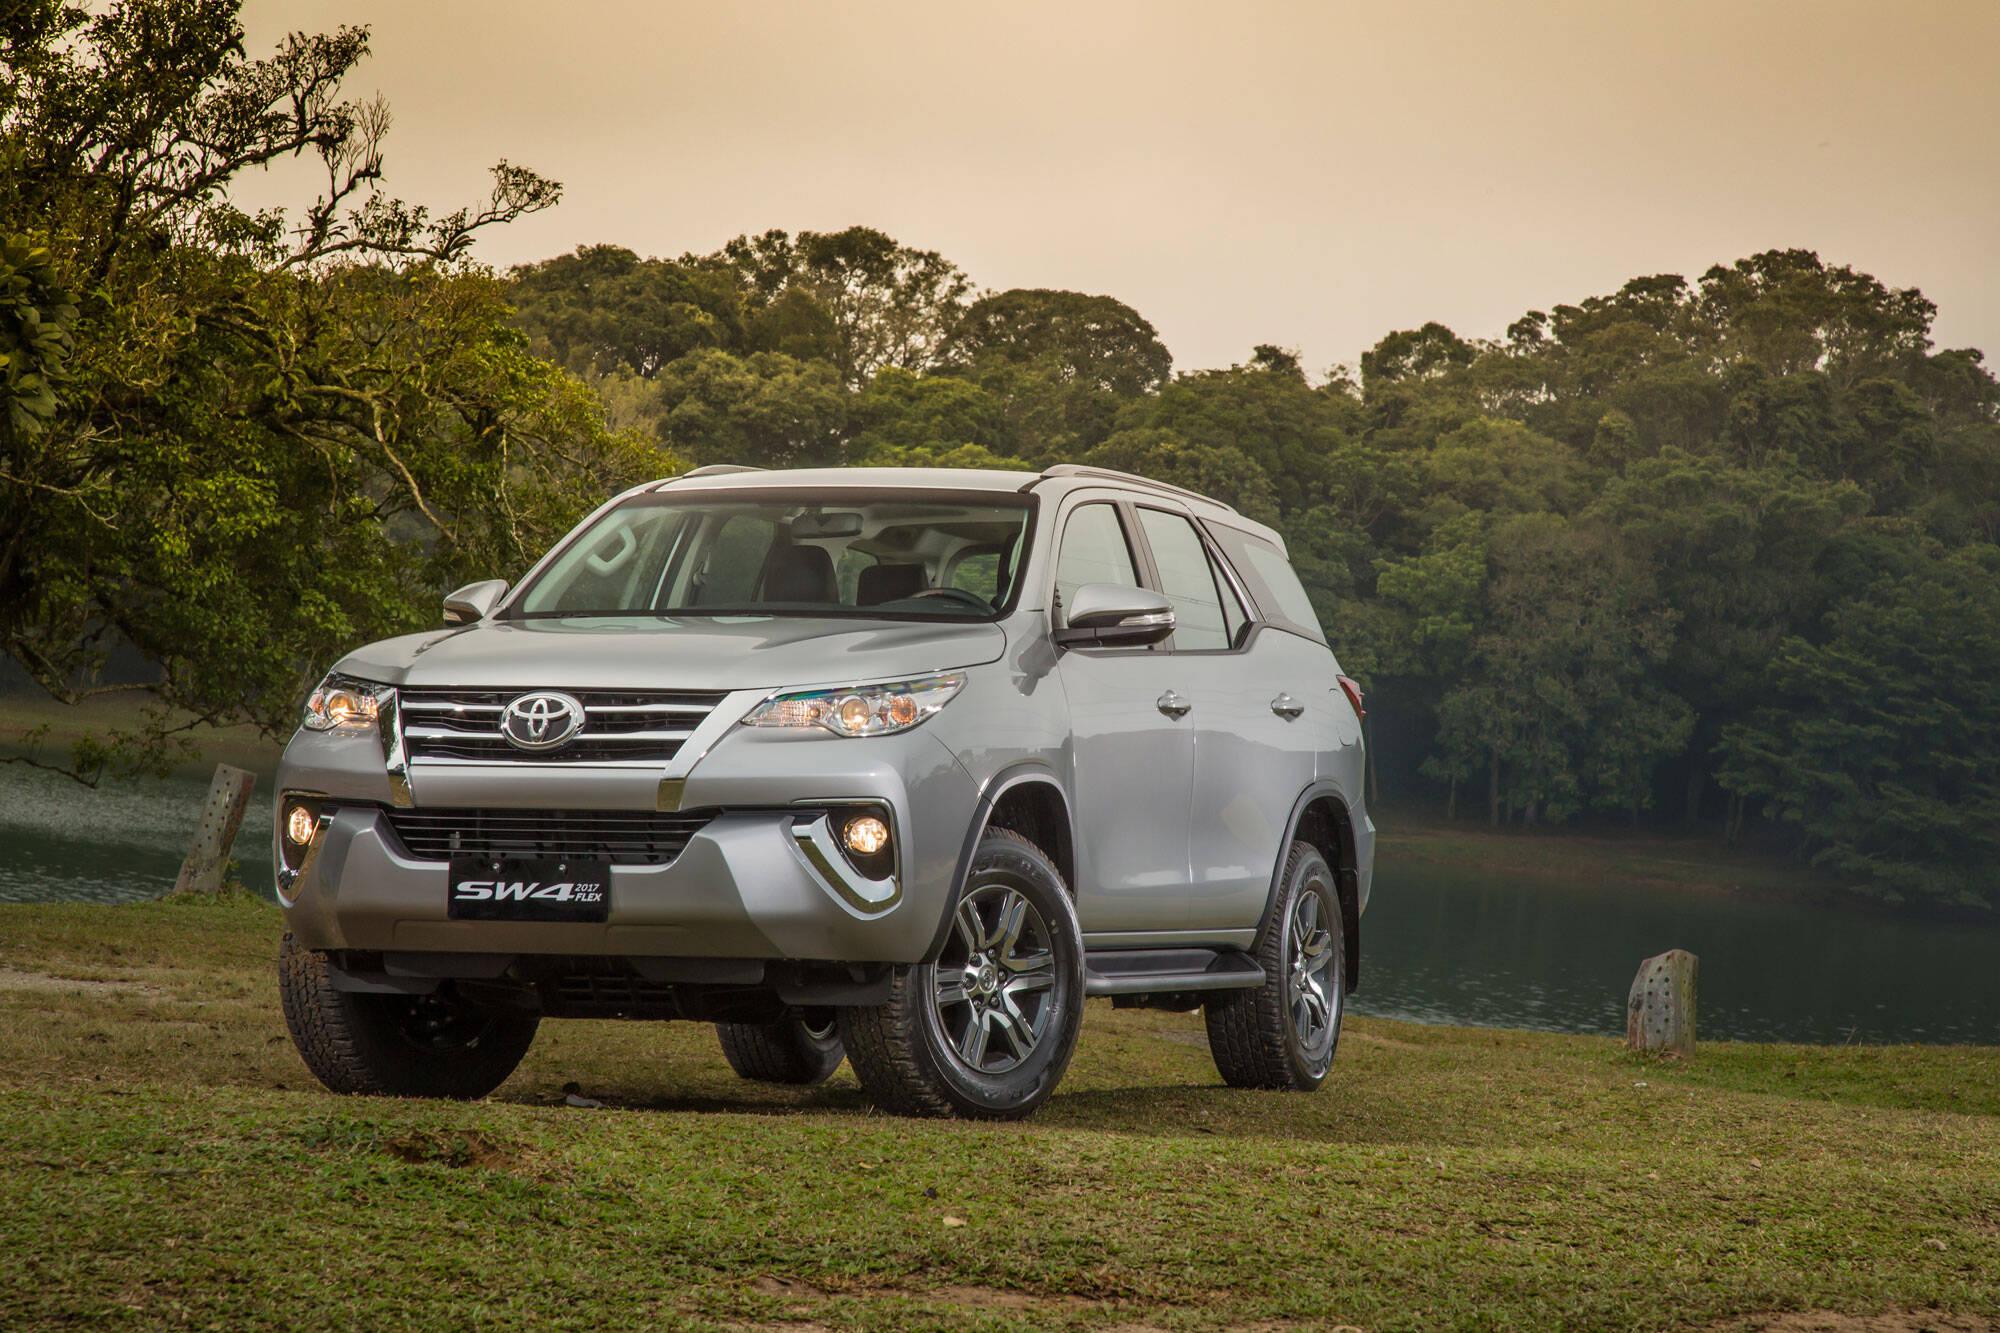 Toyota SW4, SUV grande, 11,1% de desvalorização depois de um ano. Foto: Divulgação/Toyota